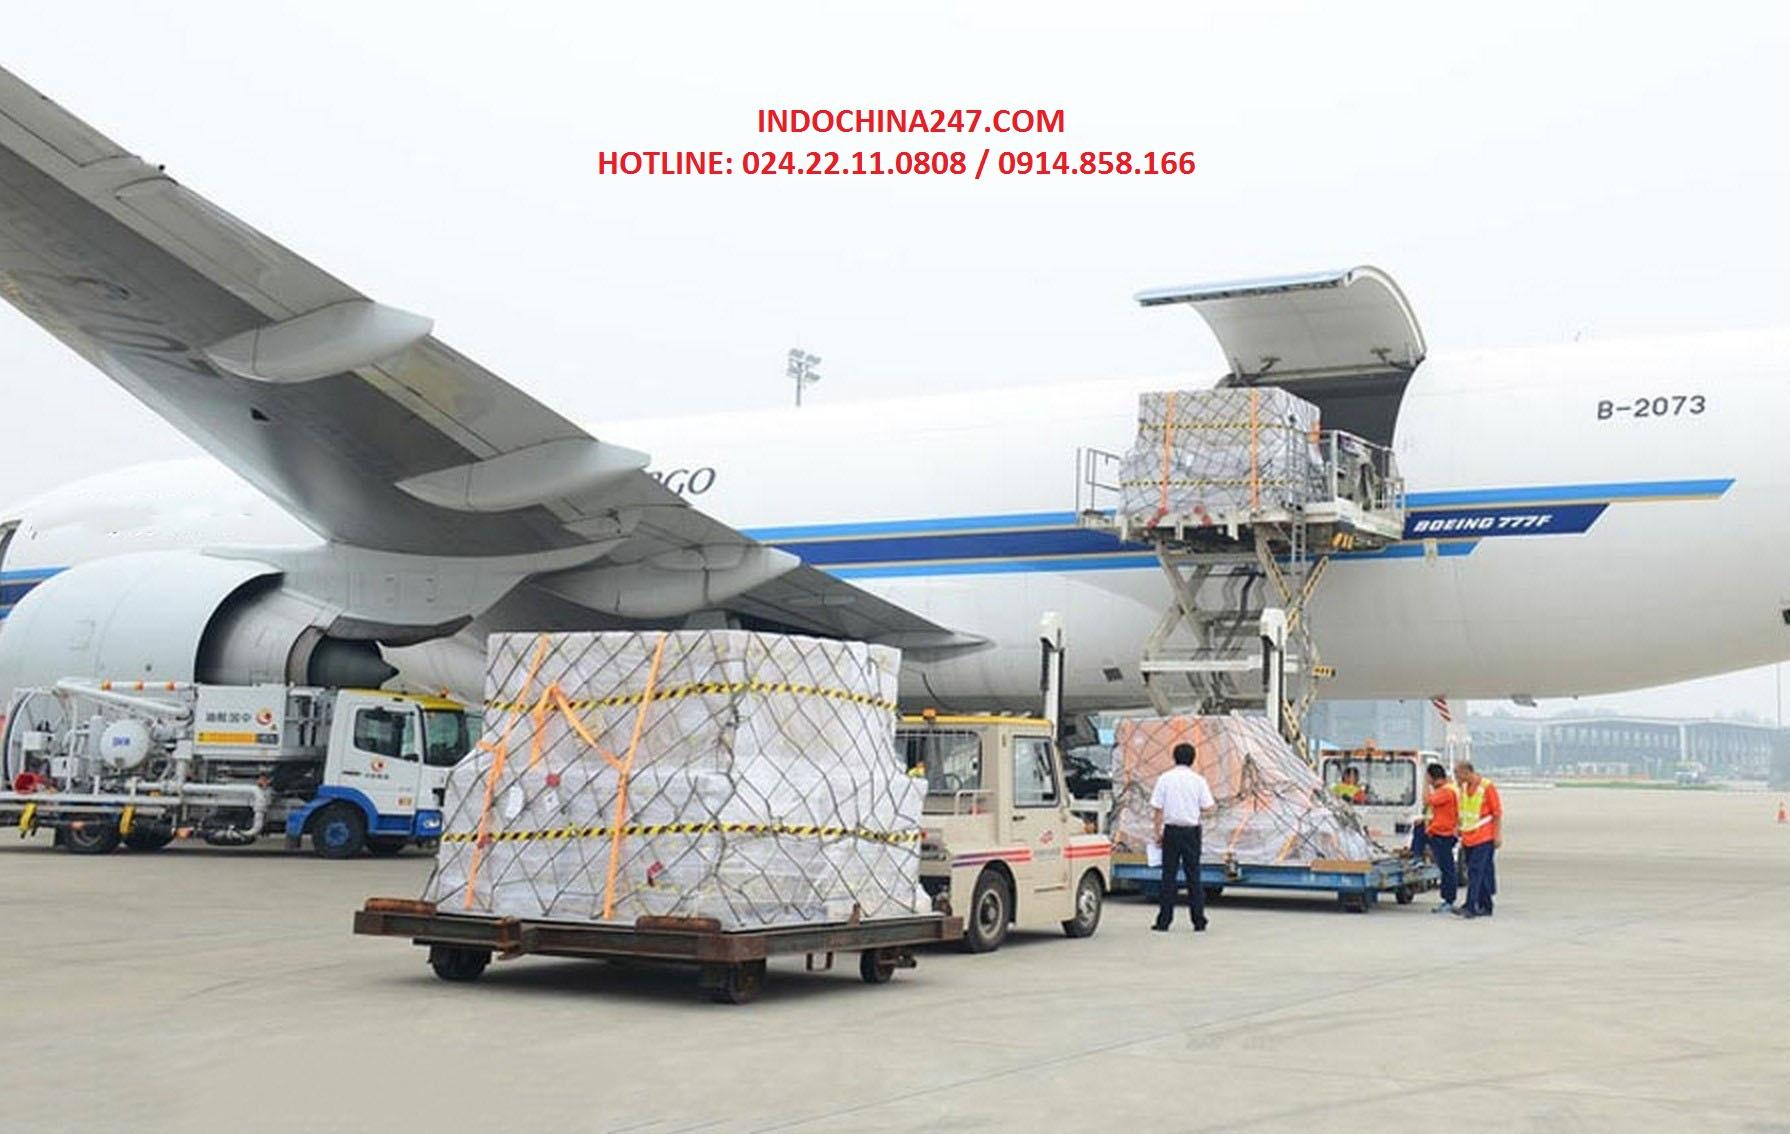 Dịch vụ vận chuyển laptop, máy tính bảng, đồng hồ từ Nga về Việt Nam nhanh chóng, giá rẻ